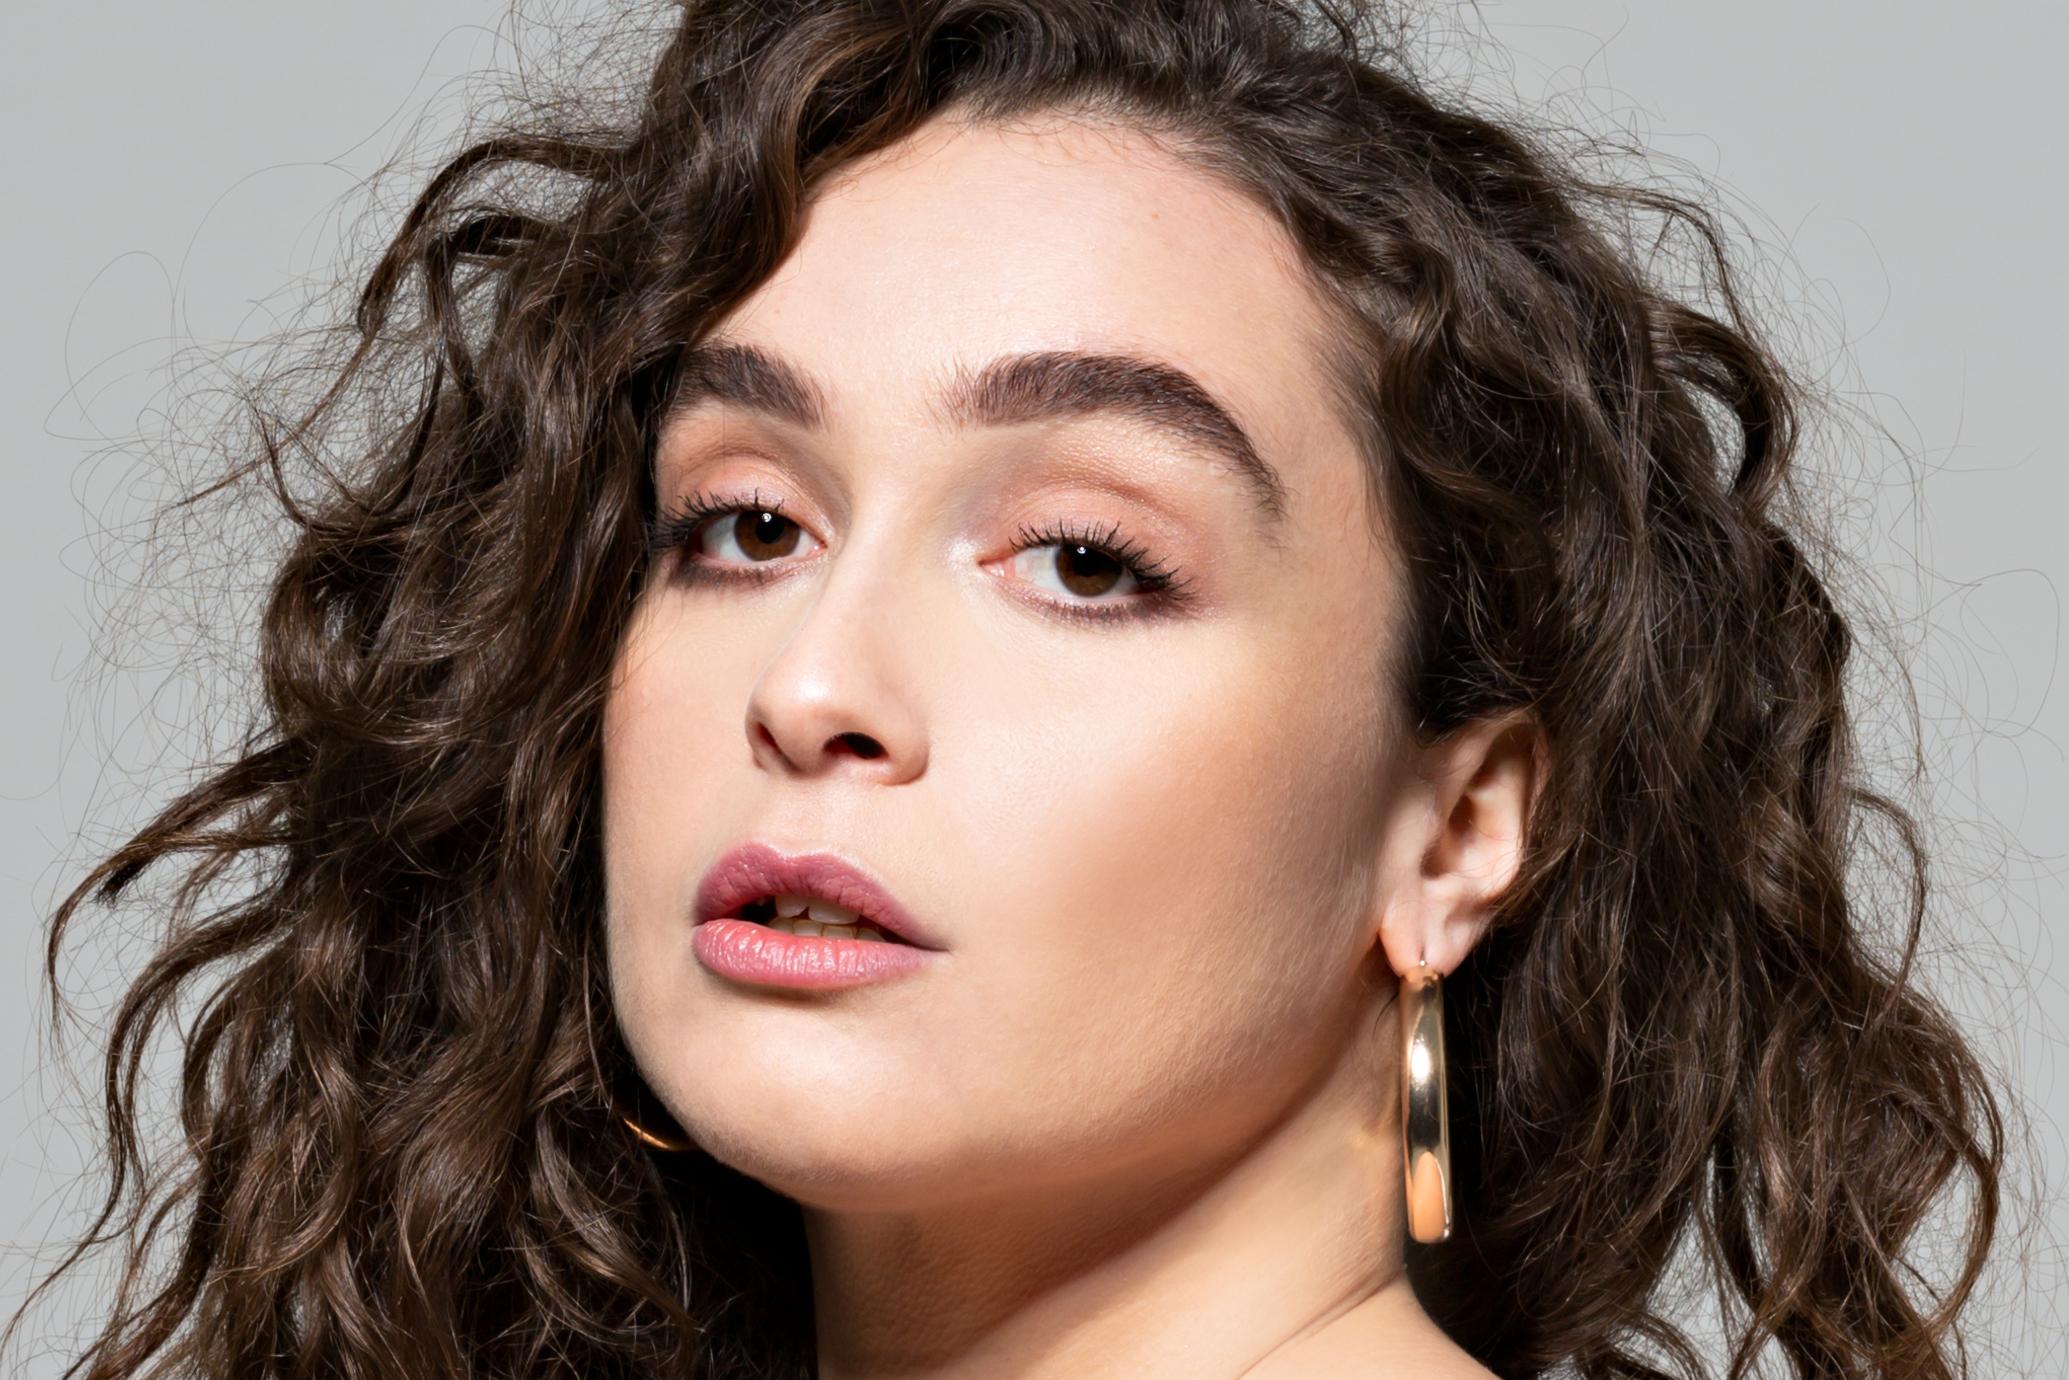 Sarah Baboro Photographe Shooting Photo Lille Portrait Mode Fashion Makeup Comédienne